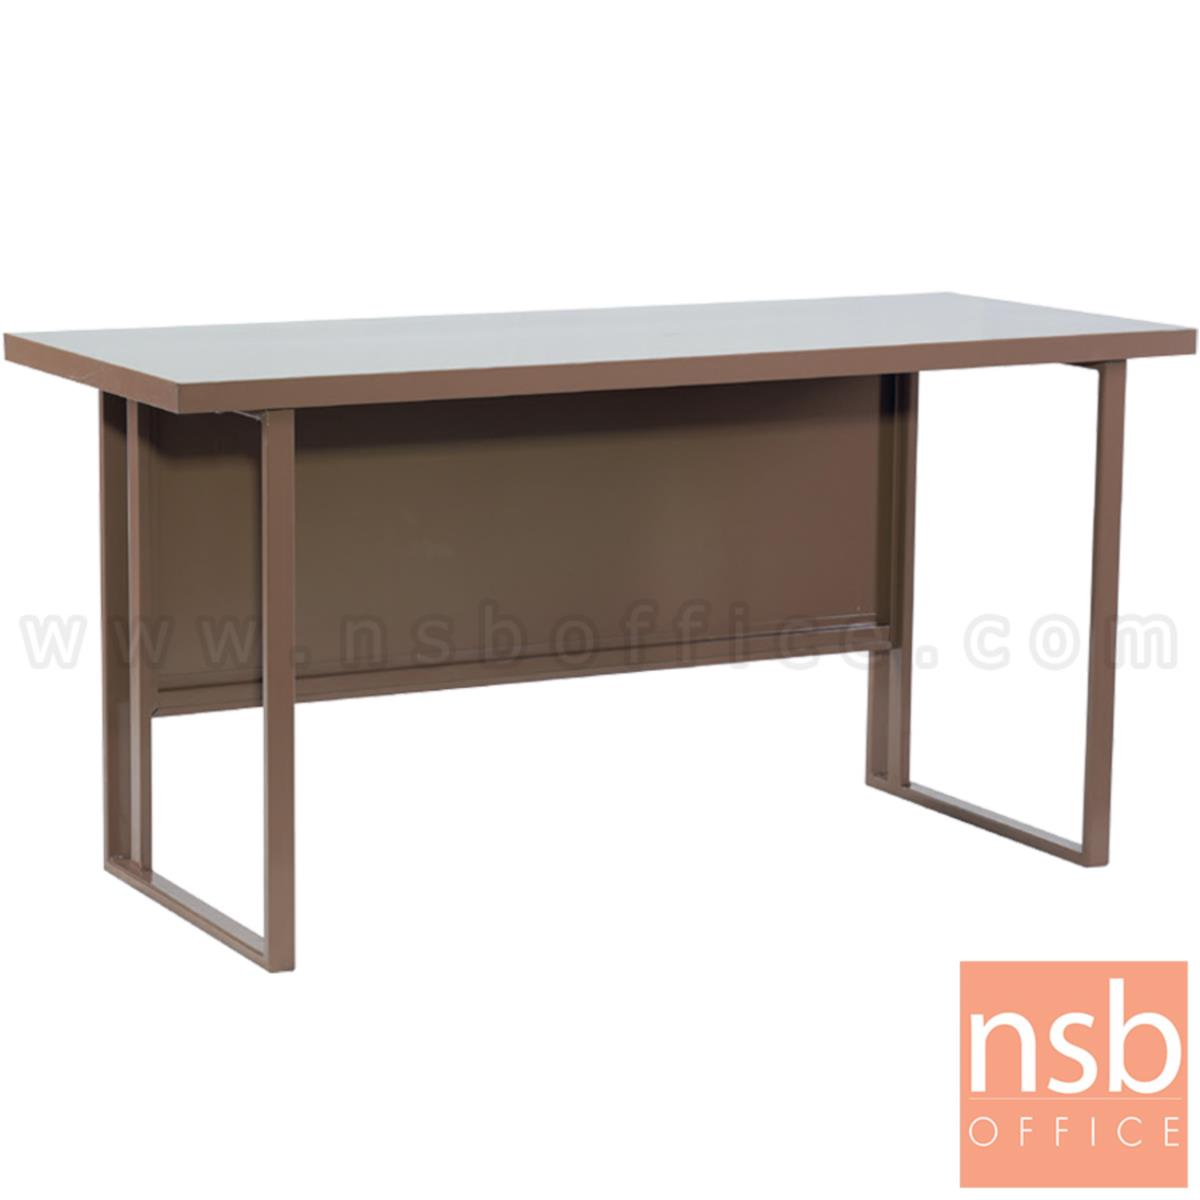 E02A054:โต๊ะทำงานเหล็กโล่ง รุ่น Elayne (เอเลน) ขนาด 120W, 150W cm.